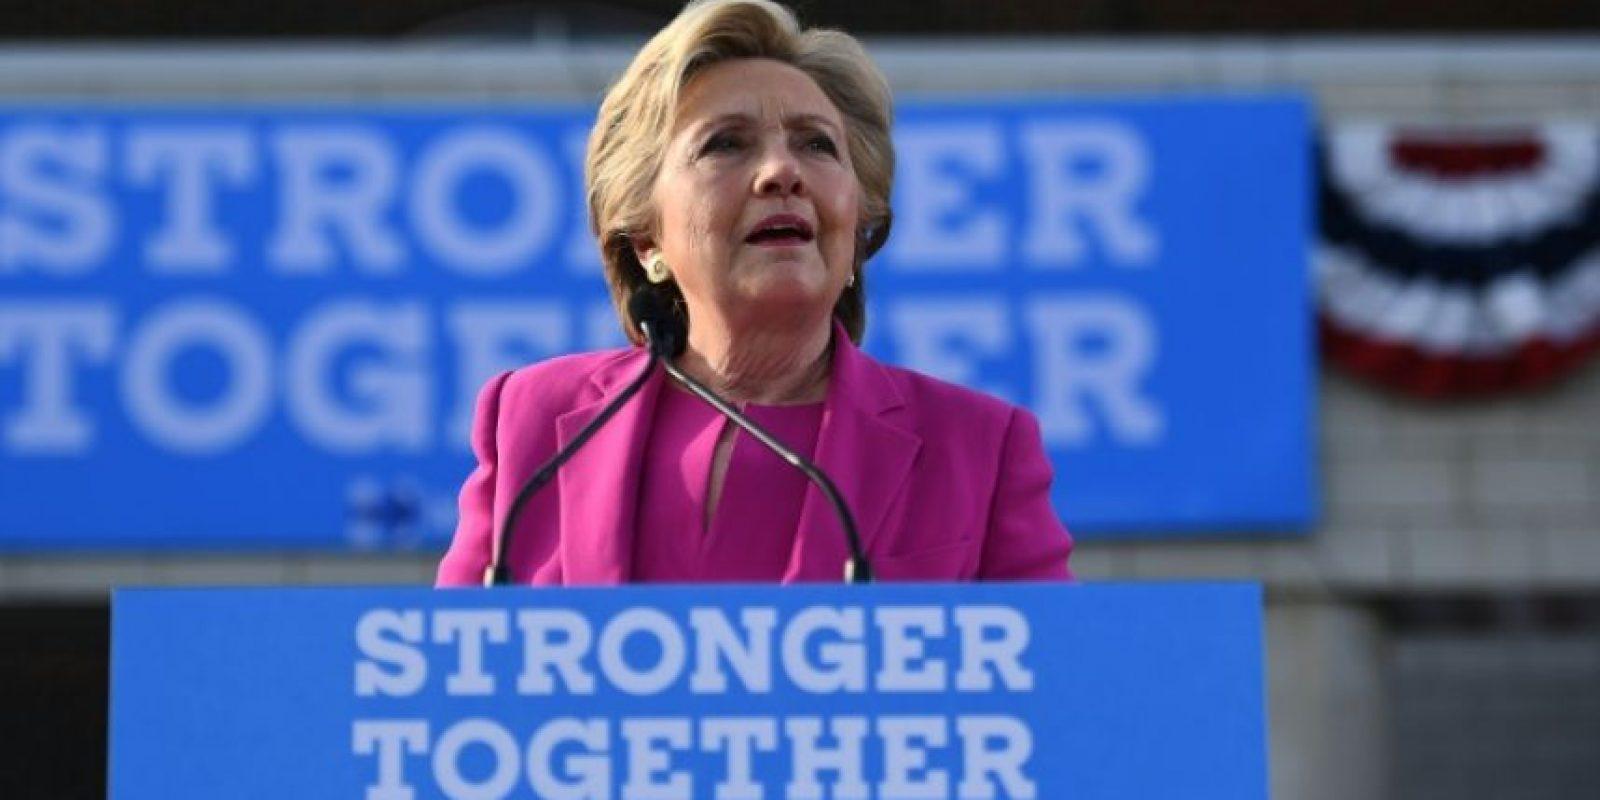 La candidata demócrata Hillary Clinton durante un acto de campaña el 3 de noviembre de 2016 en Winterville Foto:Jewel Samad/afp.com